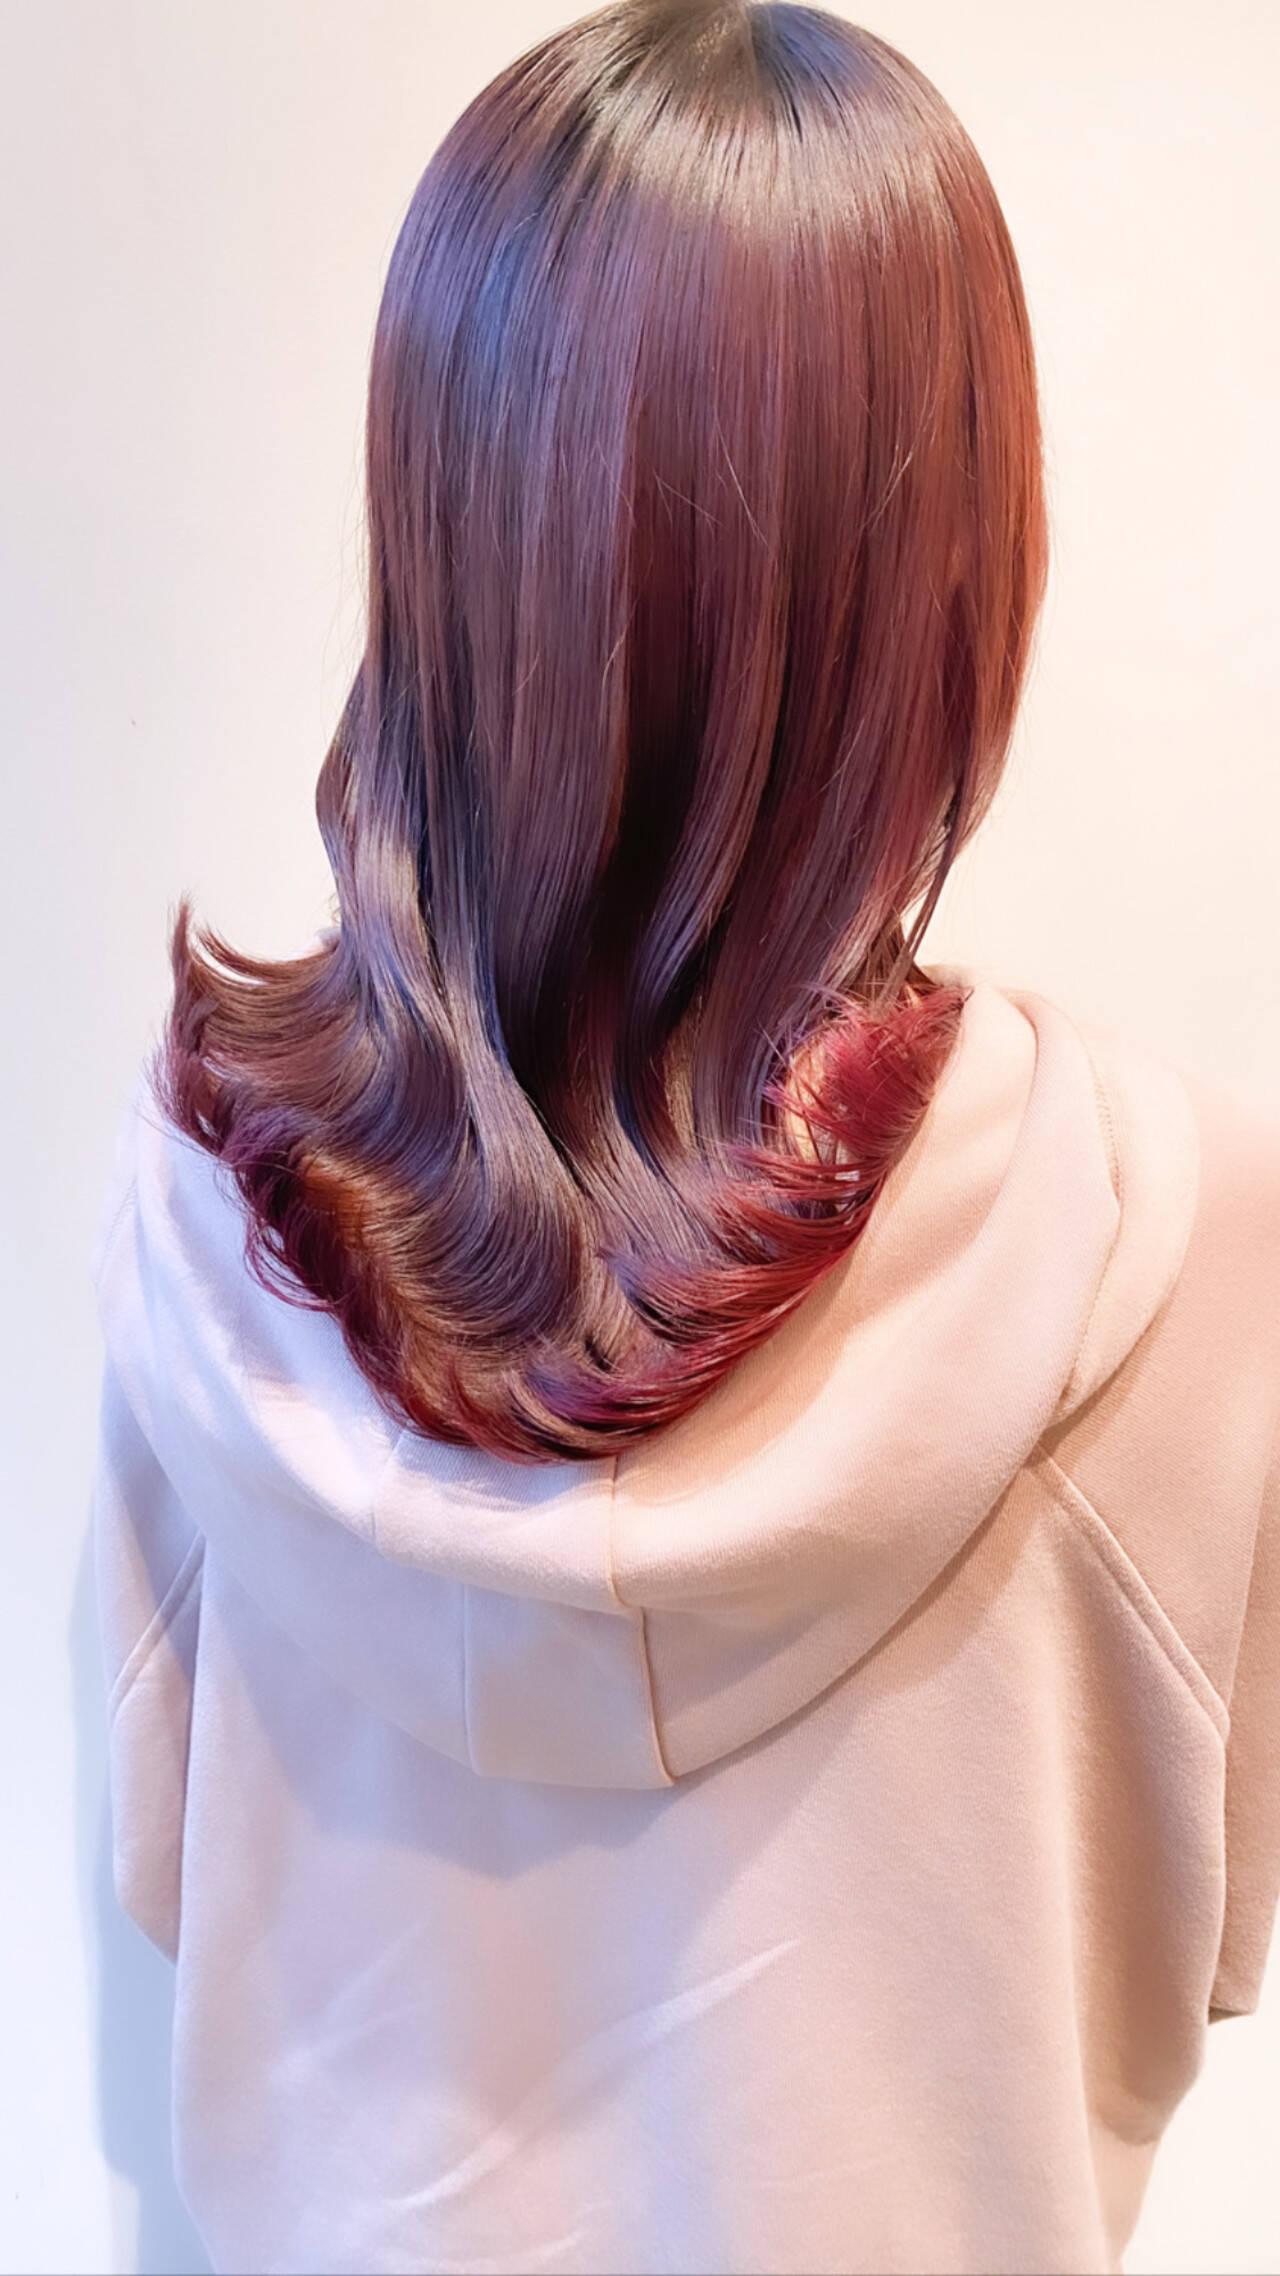 セミロング ナチュラル ピンクベージュ ピンクアッシュヘアスタイルや髪型の写真・画像